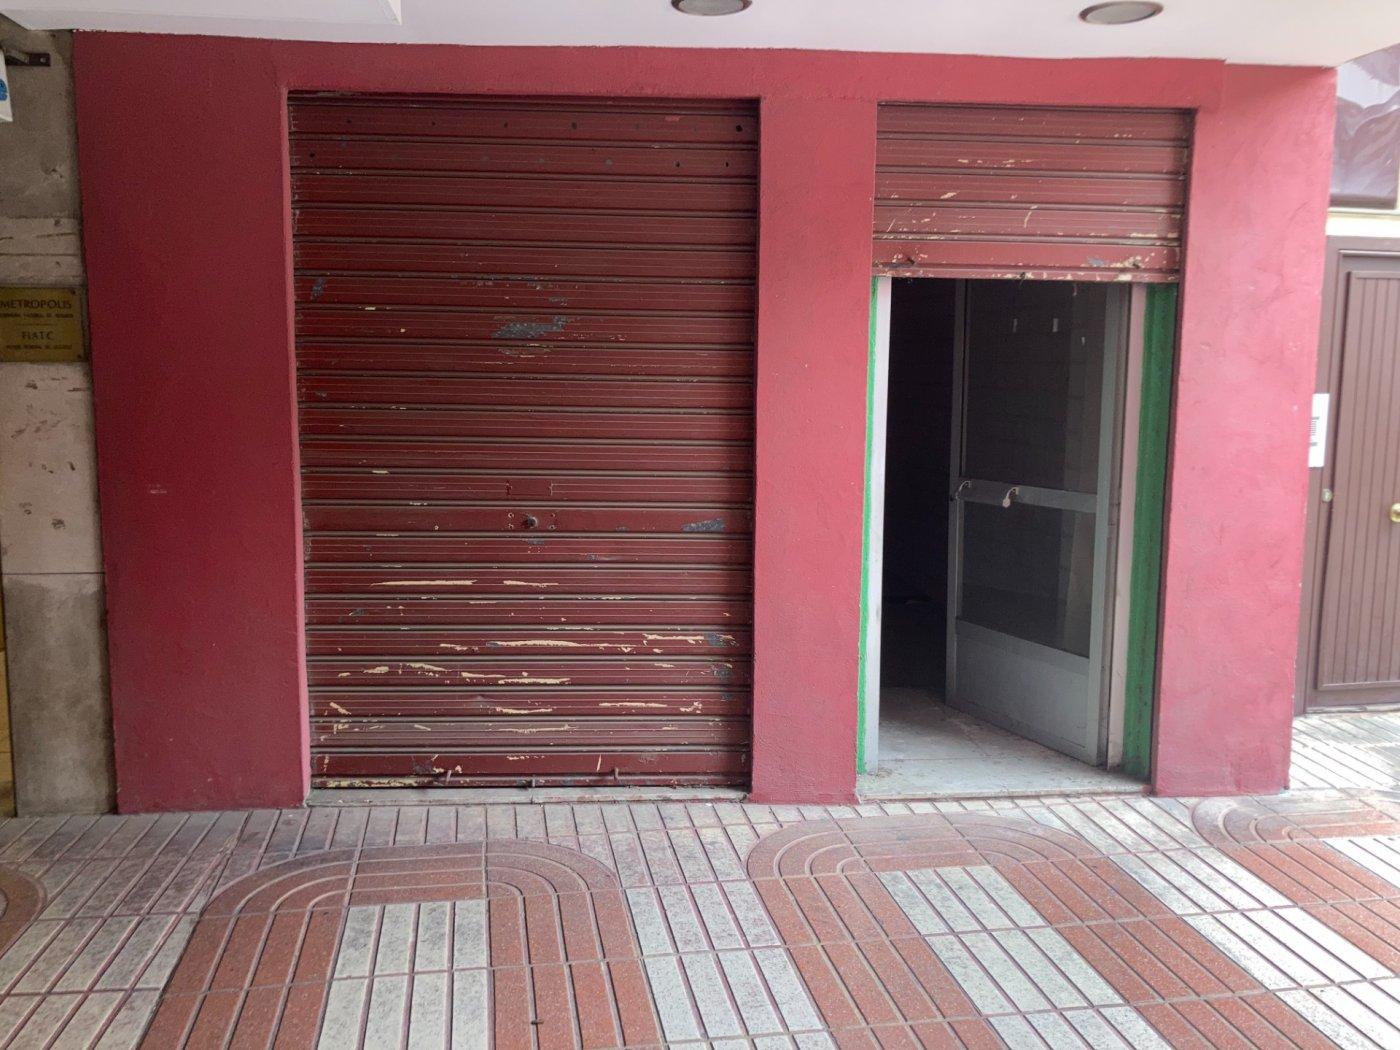 Local en alquiler en Centro, Valladolid